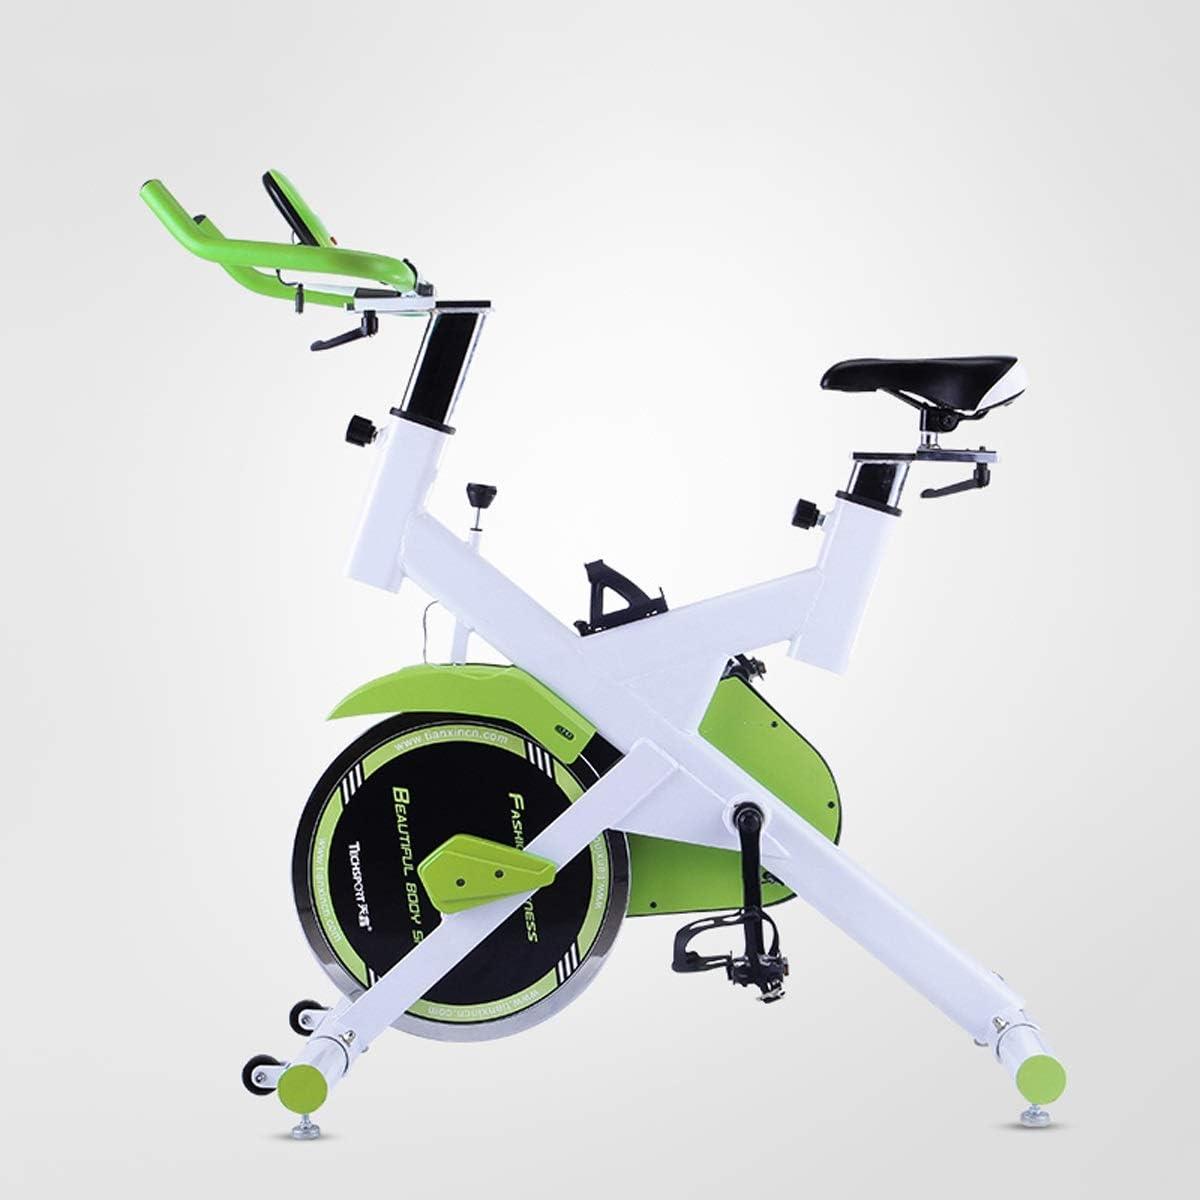 スピニングバイク超静音エクササイズバイクホームバイク屋内エクササイズバイクフィットネスエクササイズ